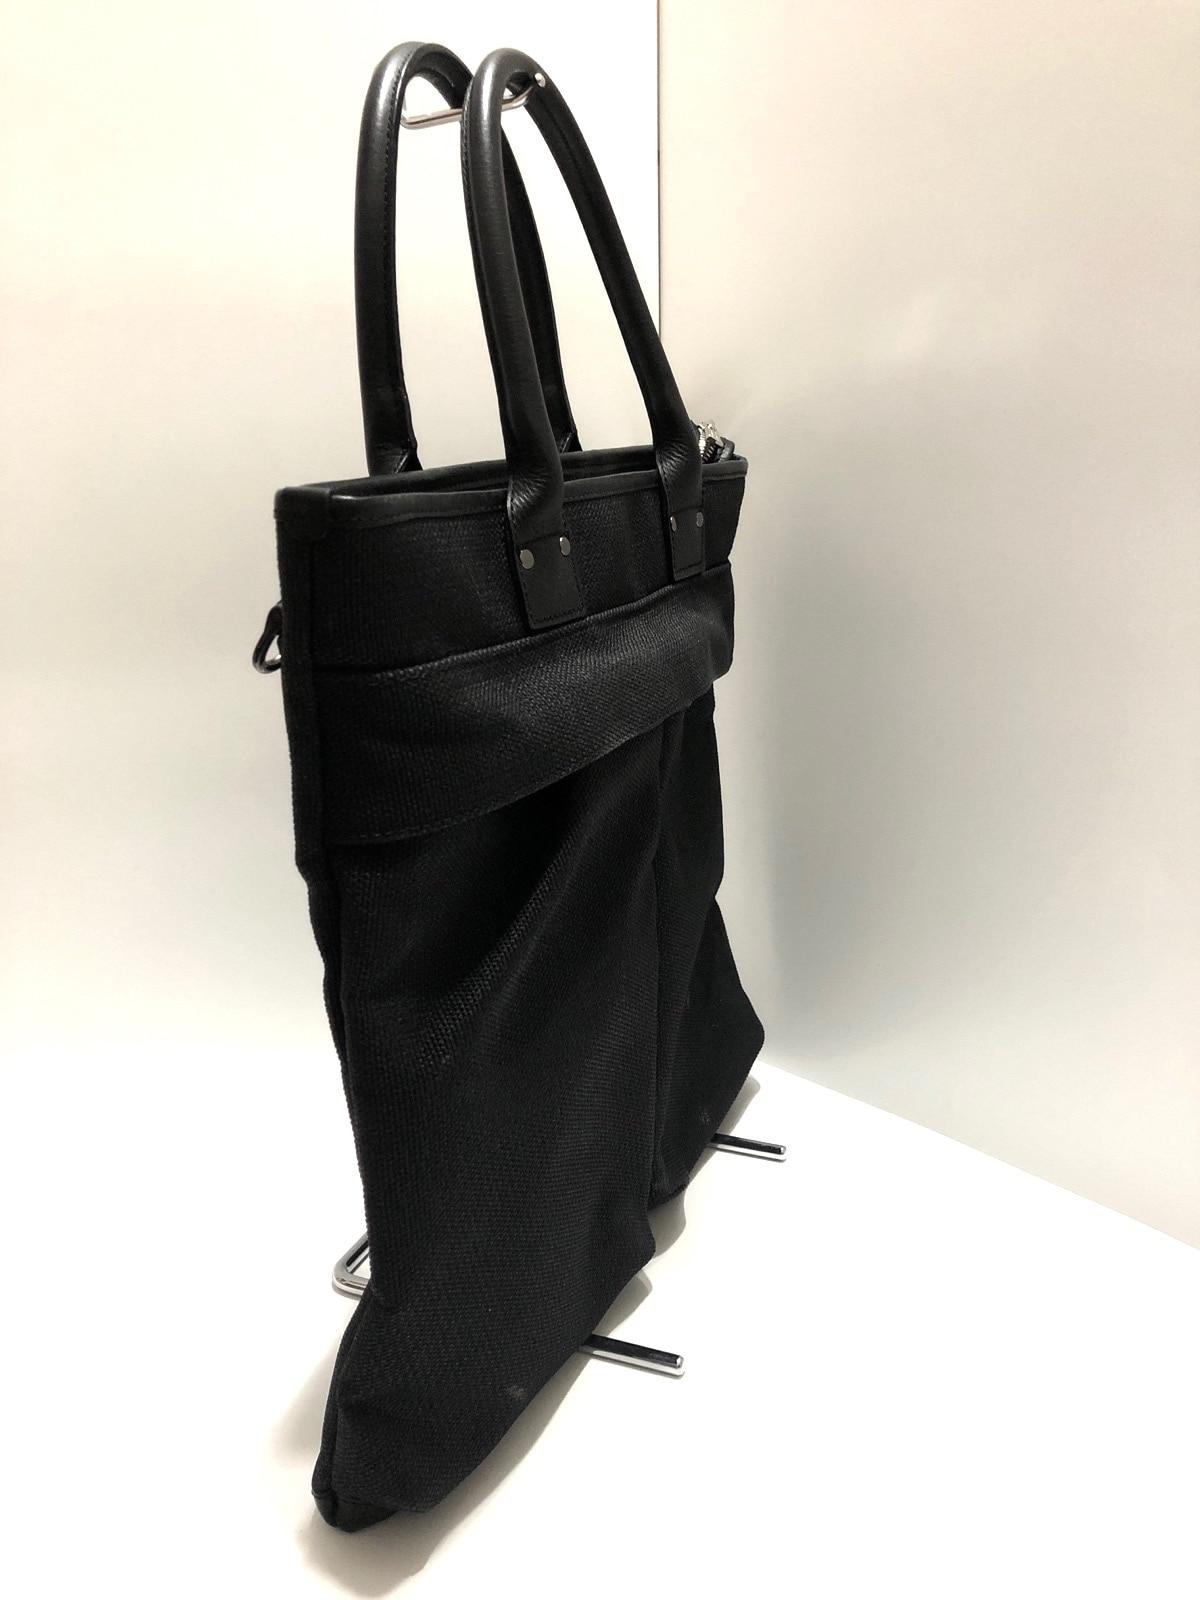 WILDSWANS(ワイルドスワンズ)のハンドバッグ